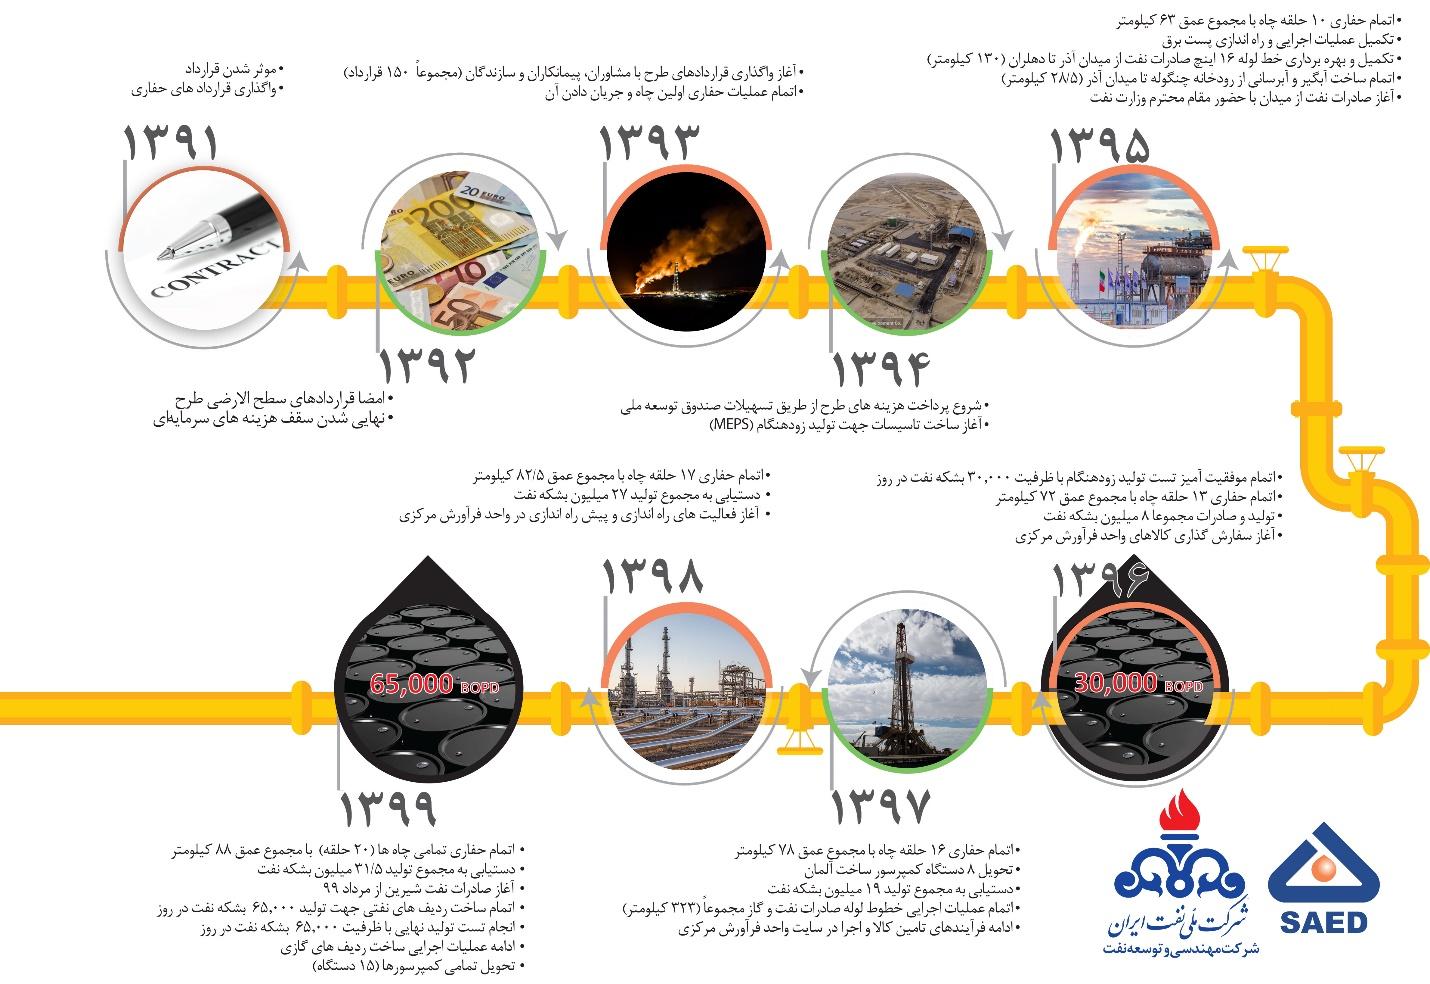 توسعه میدان نفتی آذر؛ اندوخته ای گرانبها از سرمایه انسانی، دانش و تجربه